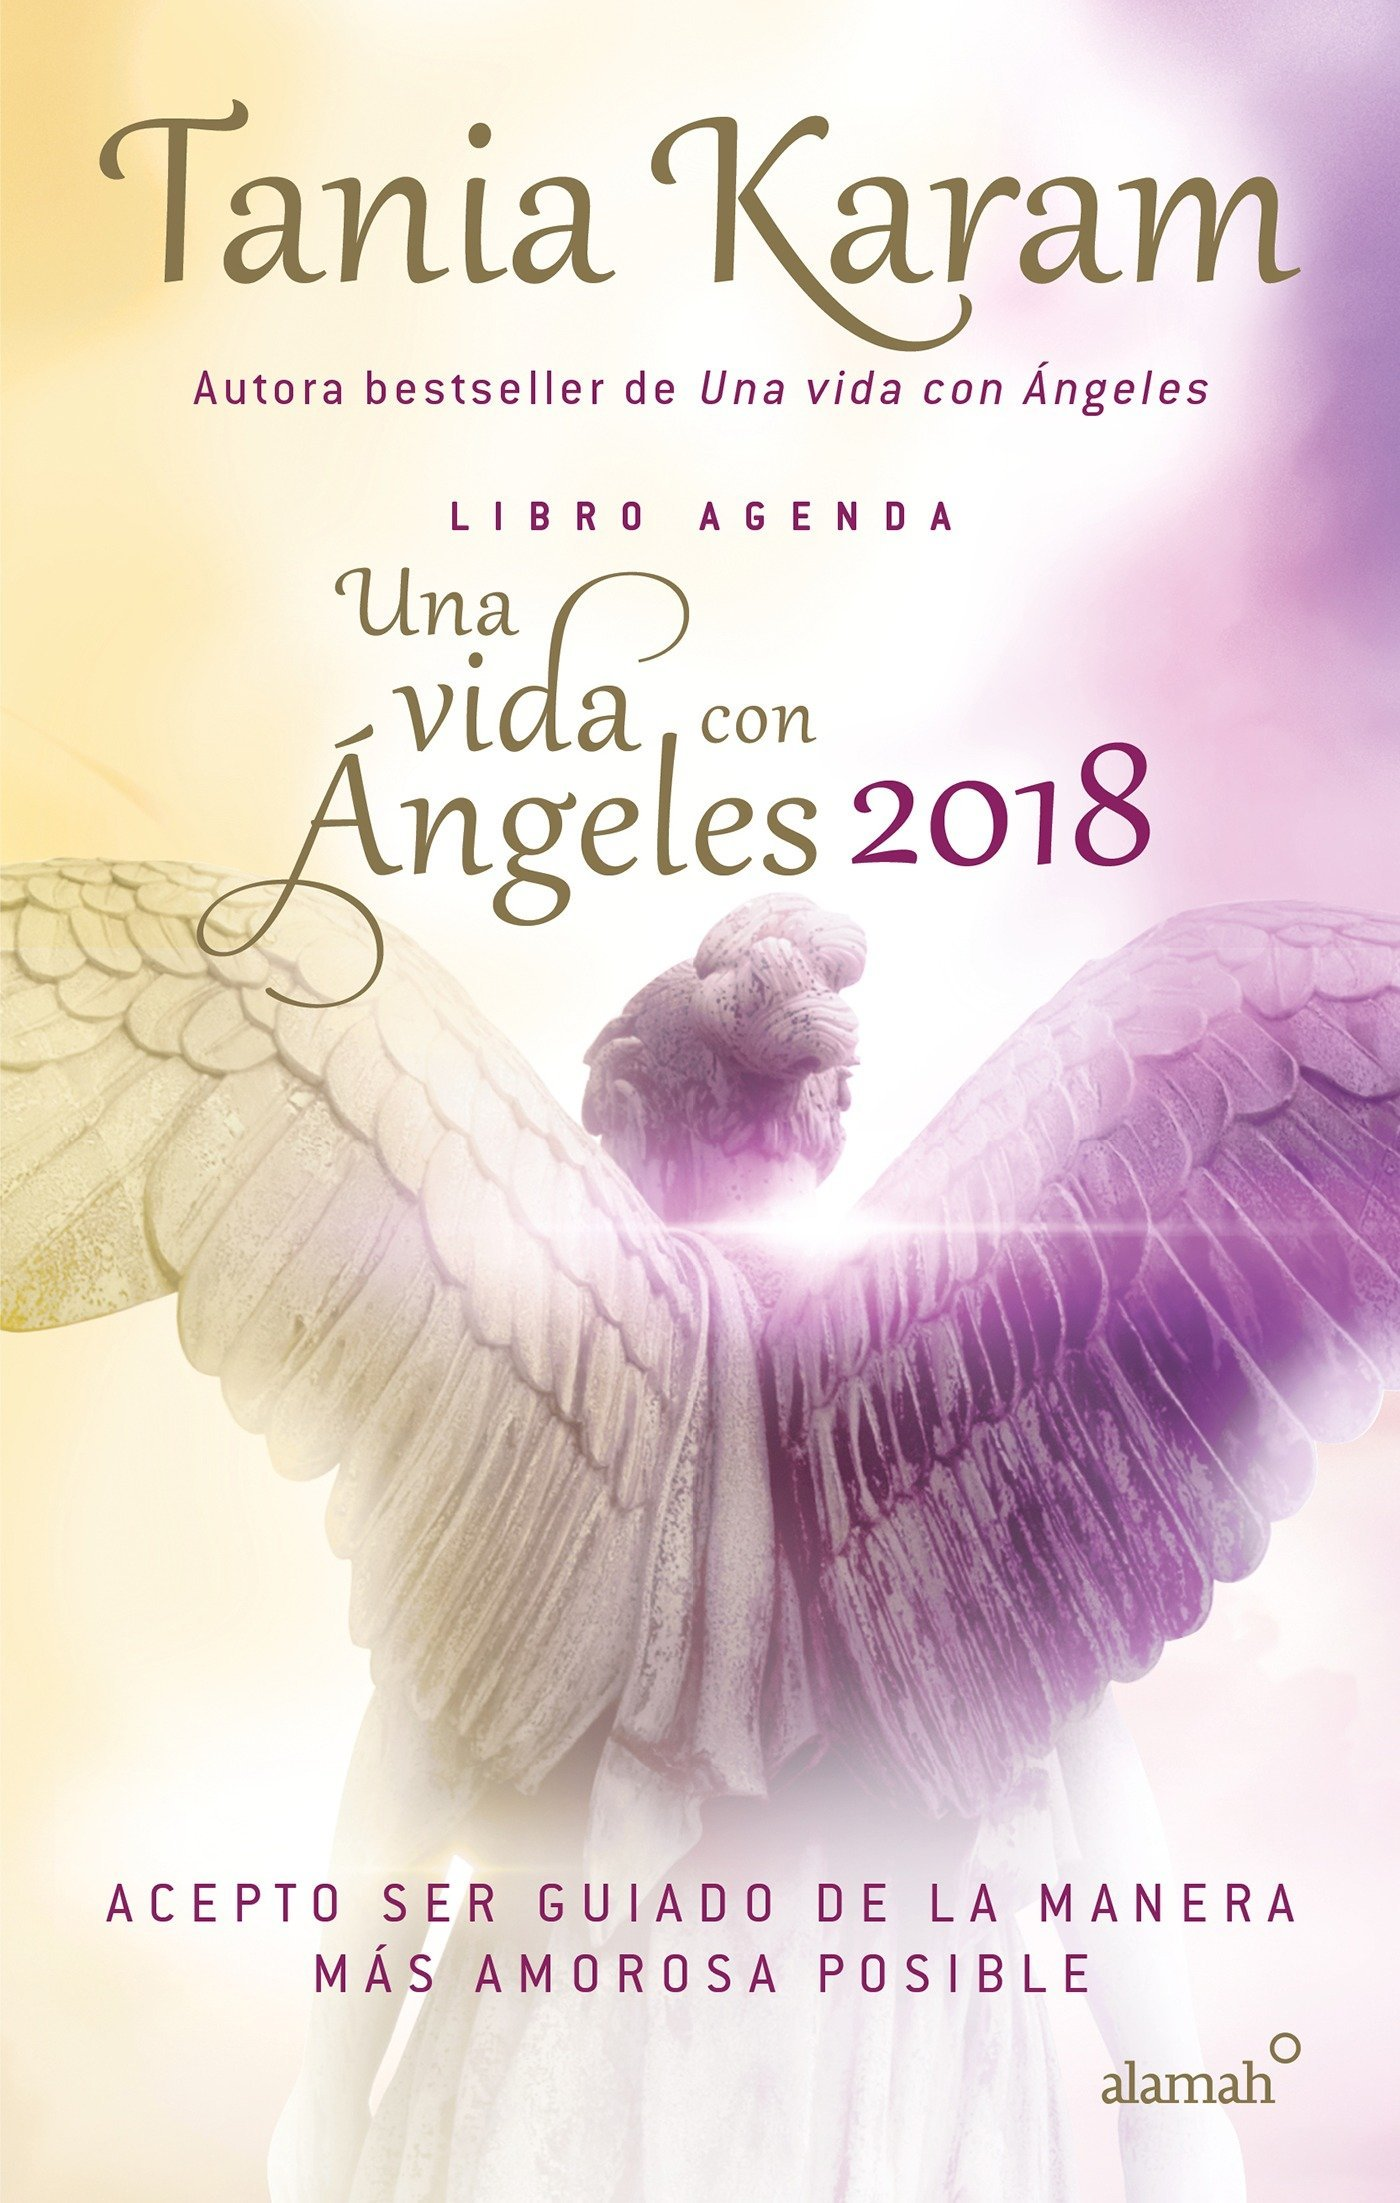 Una vida con ángeles 2018 / A Life with Angels 2018: Acepto Ser Guiado De La Manera Mas Amorosa Posible: Amazon.es: Tania Karam: Libros